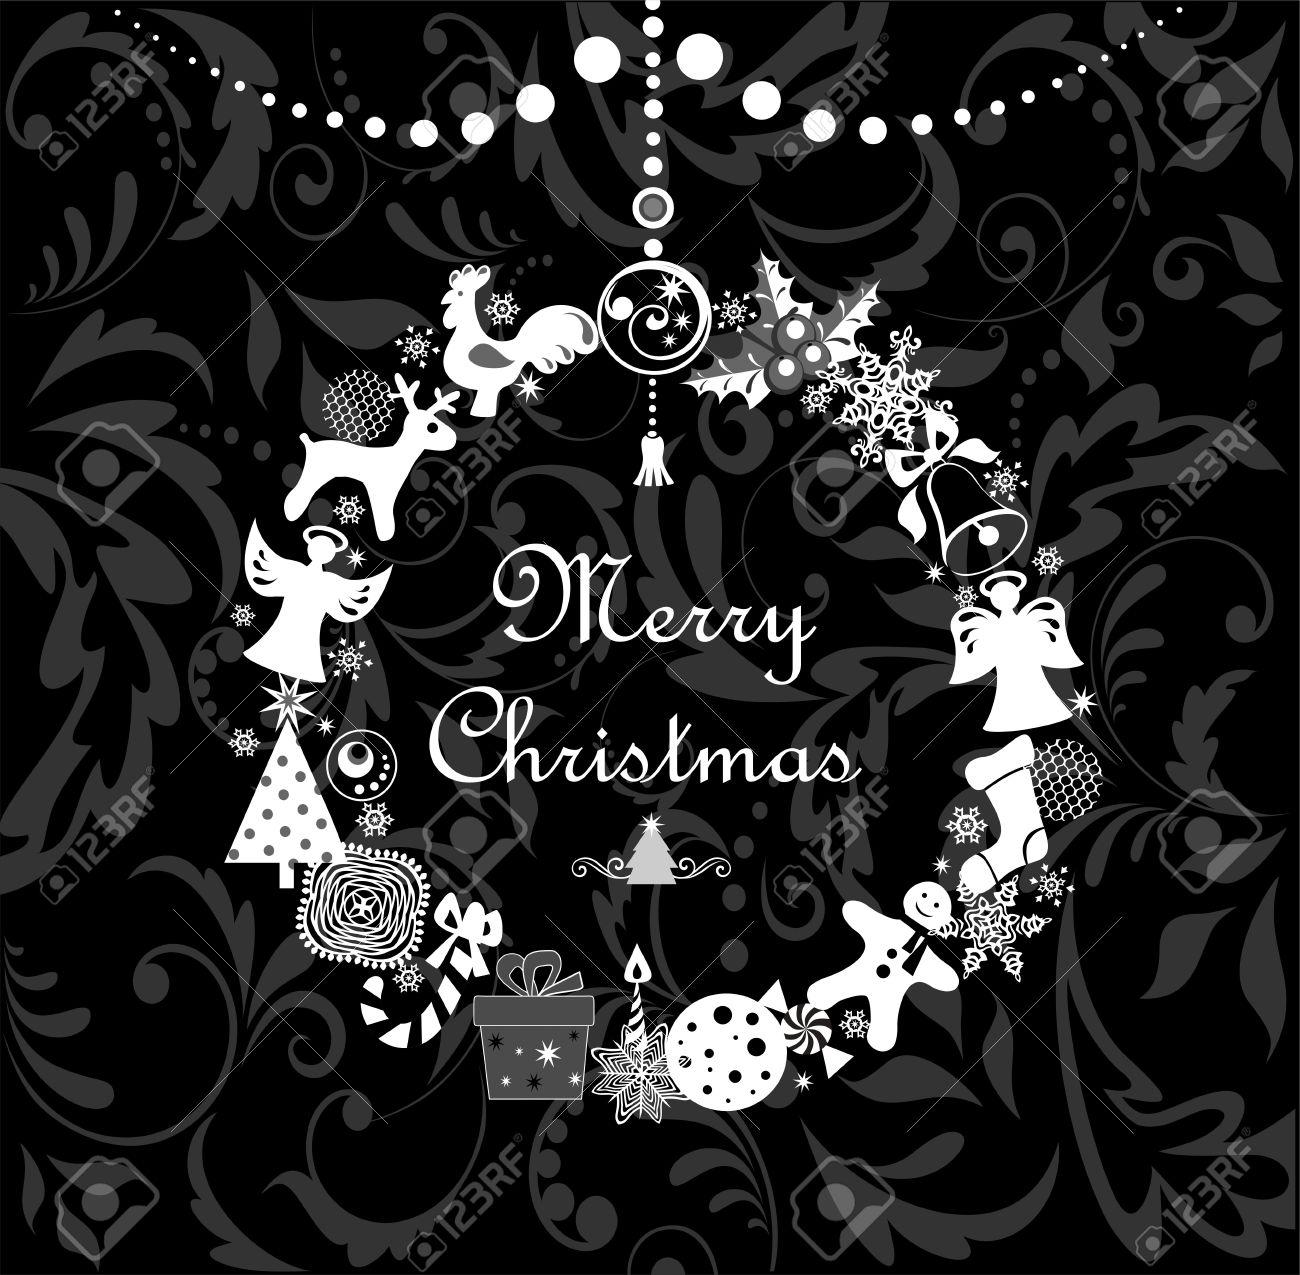 Dessin De Salutation Noir Et Blanc Avec Couronne De Noël Drôle